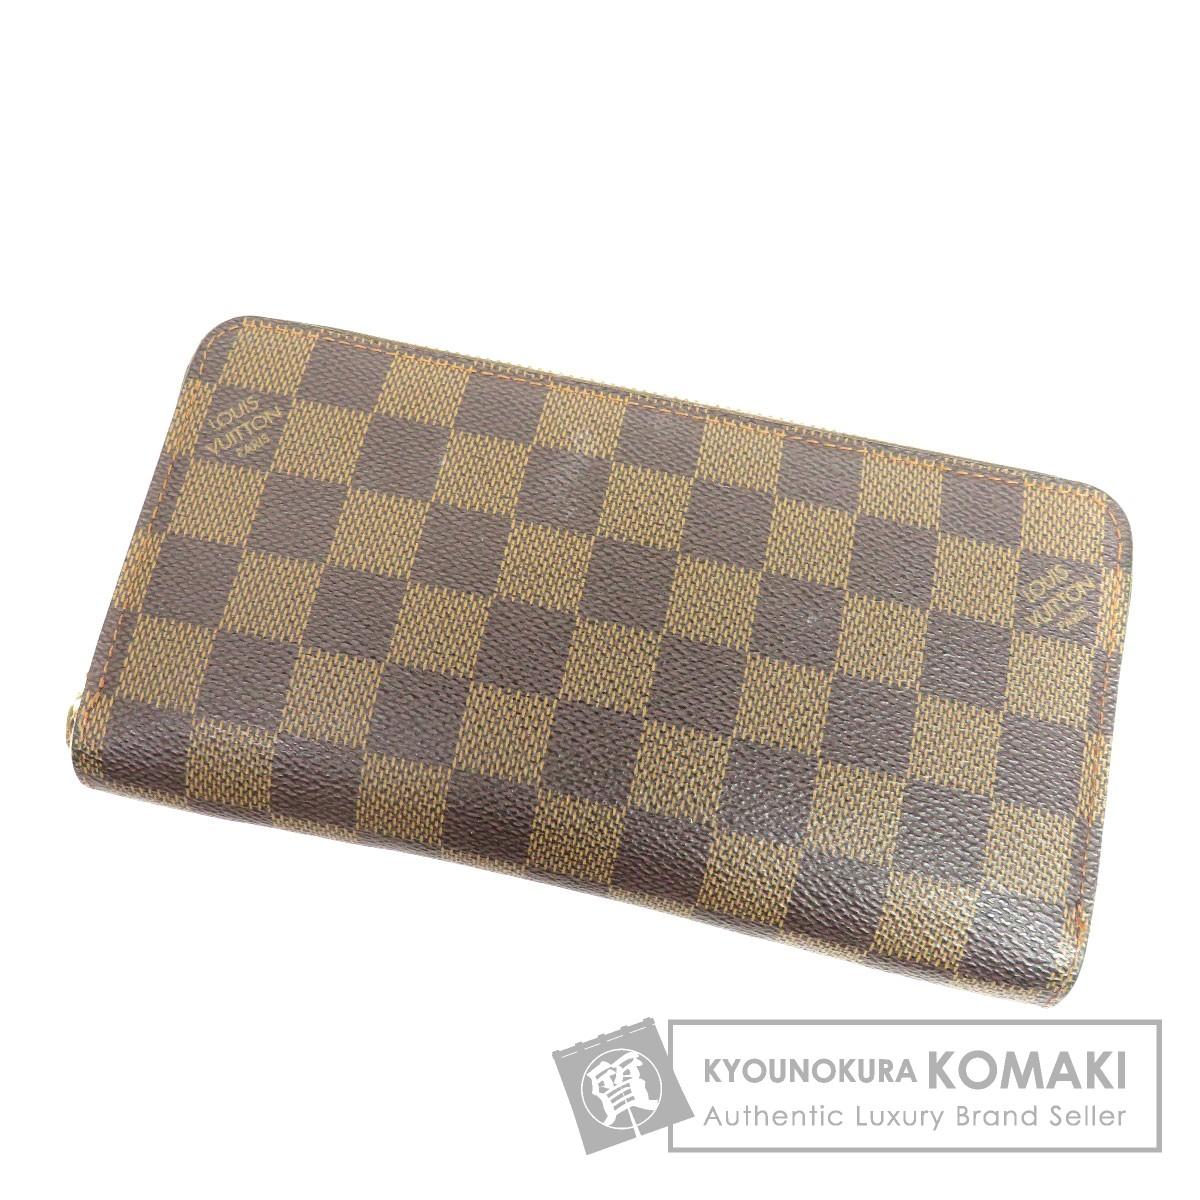 LOUIS VUITTON N60015 ジッピーウォレット 旧型 長財布(小銭入れあり) ダミエキャンバス ユニセックス 【中古】【ルイ・ヴィトン】